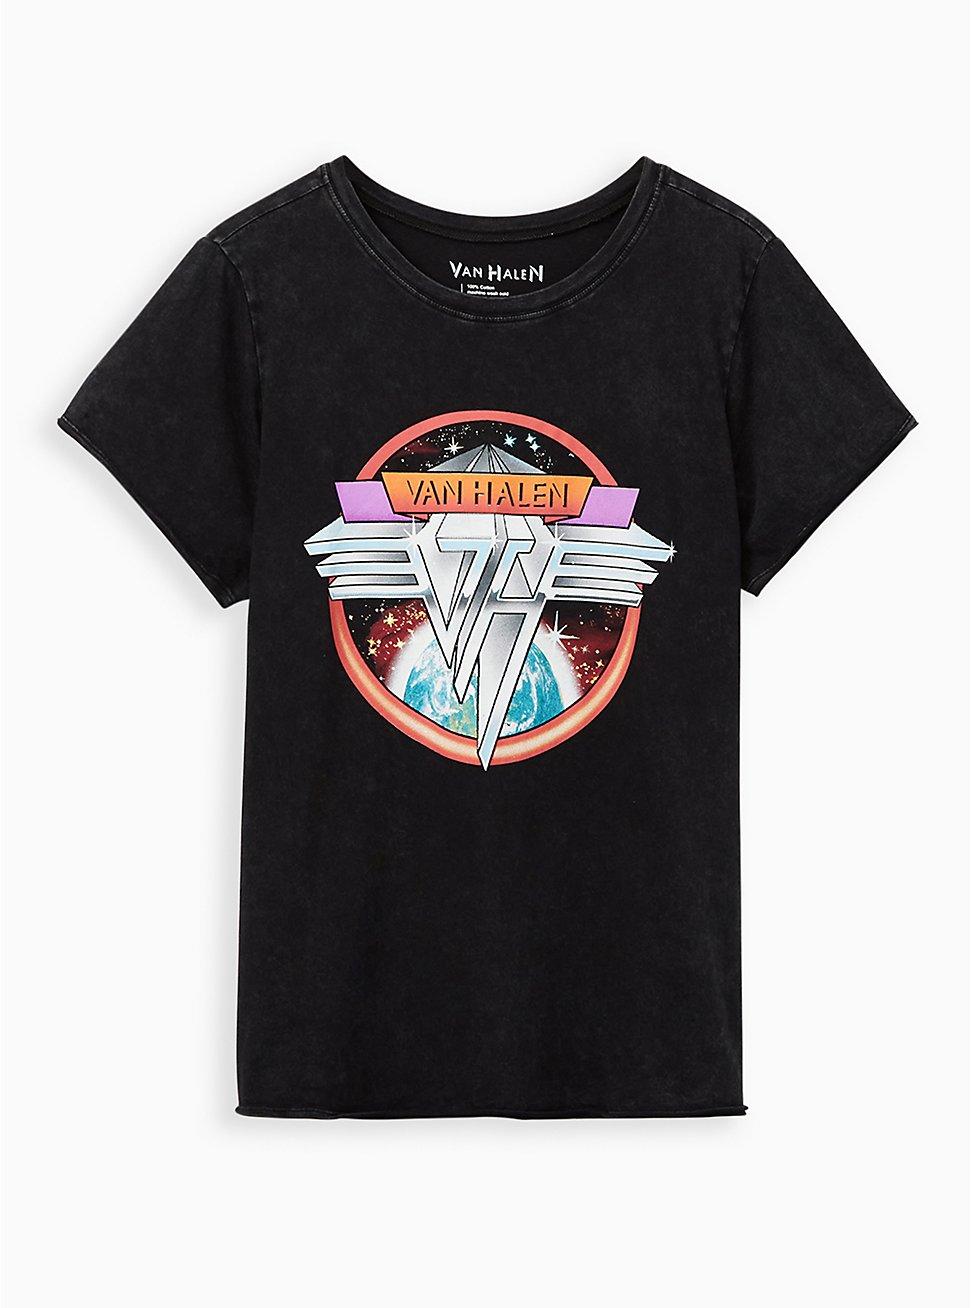 Classic Fit Crew Tee - Van Halen Mineral Wash Black, DEEP BLACK, hi-res